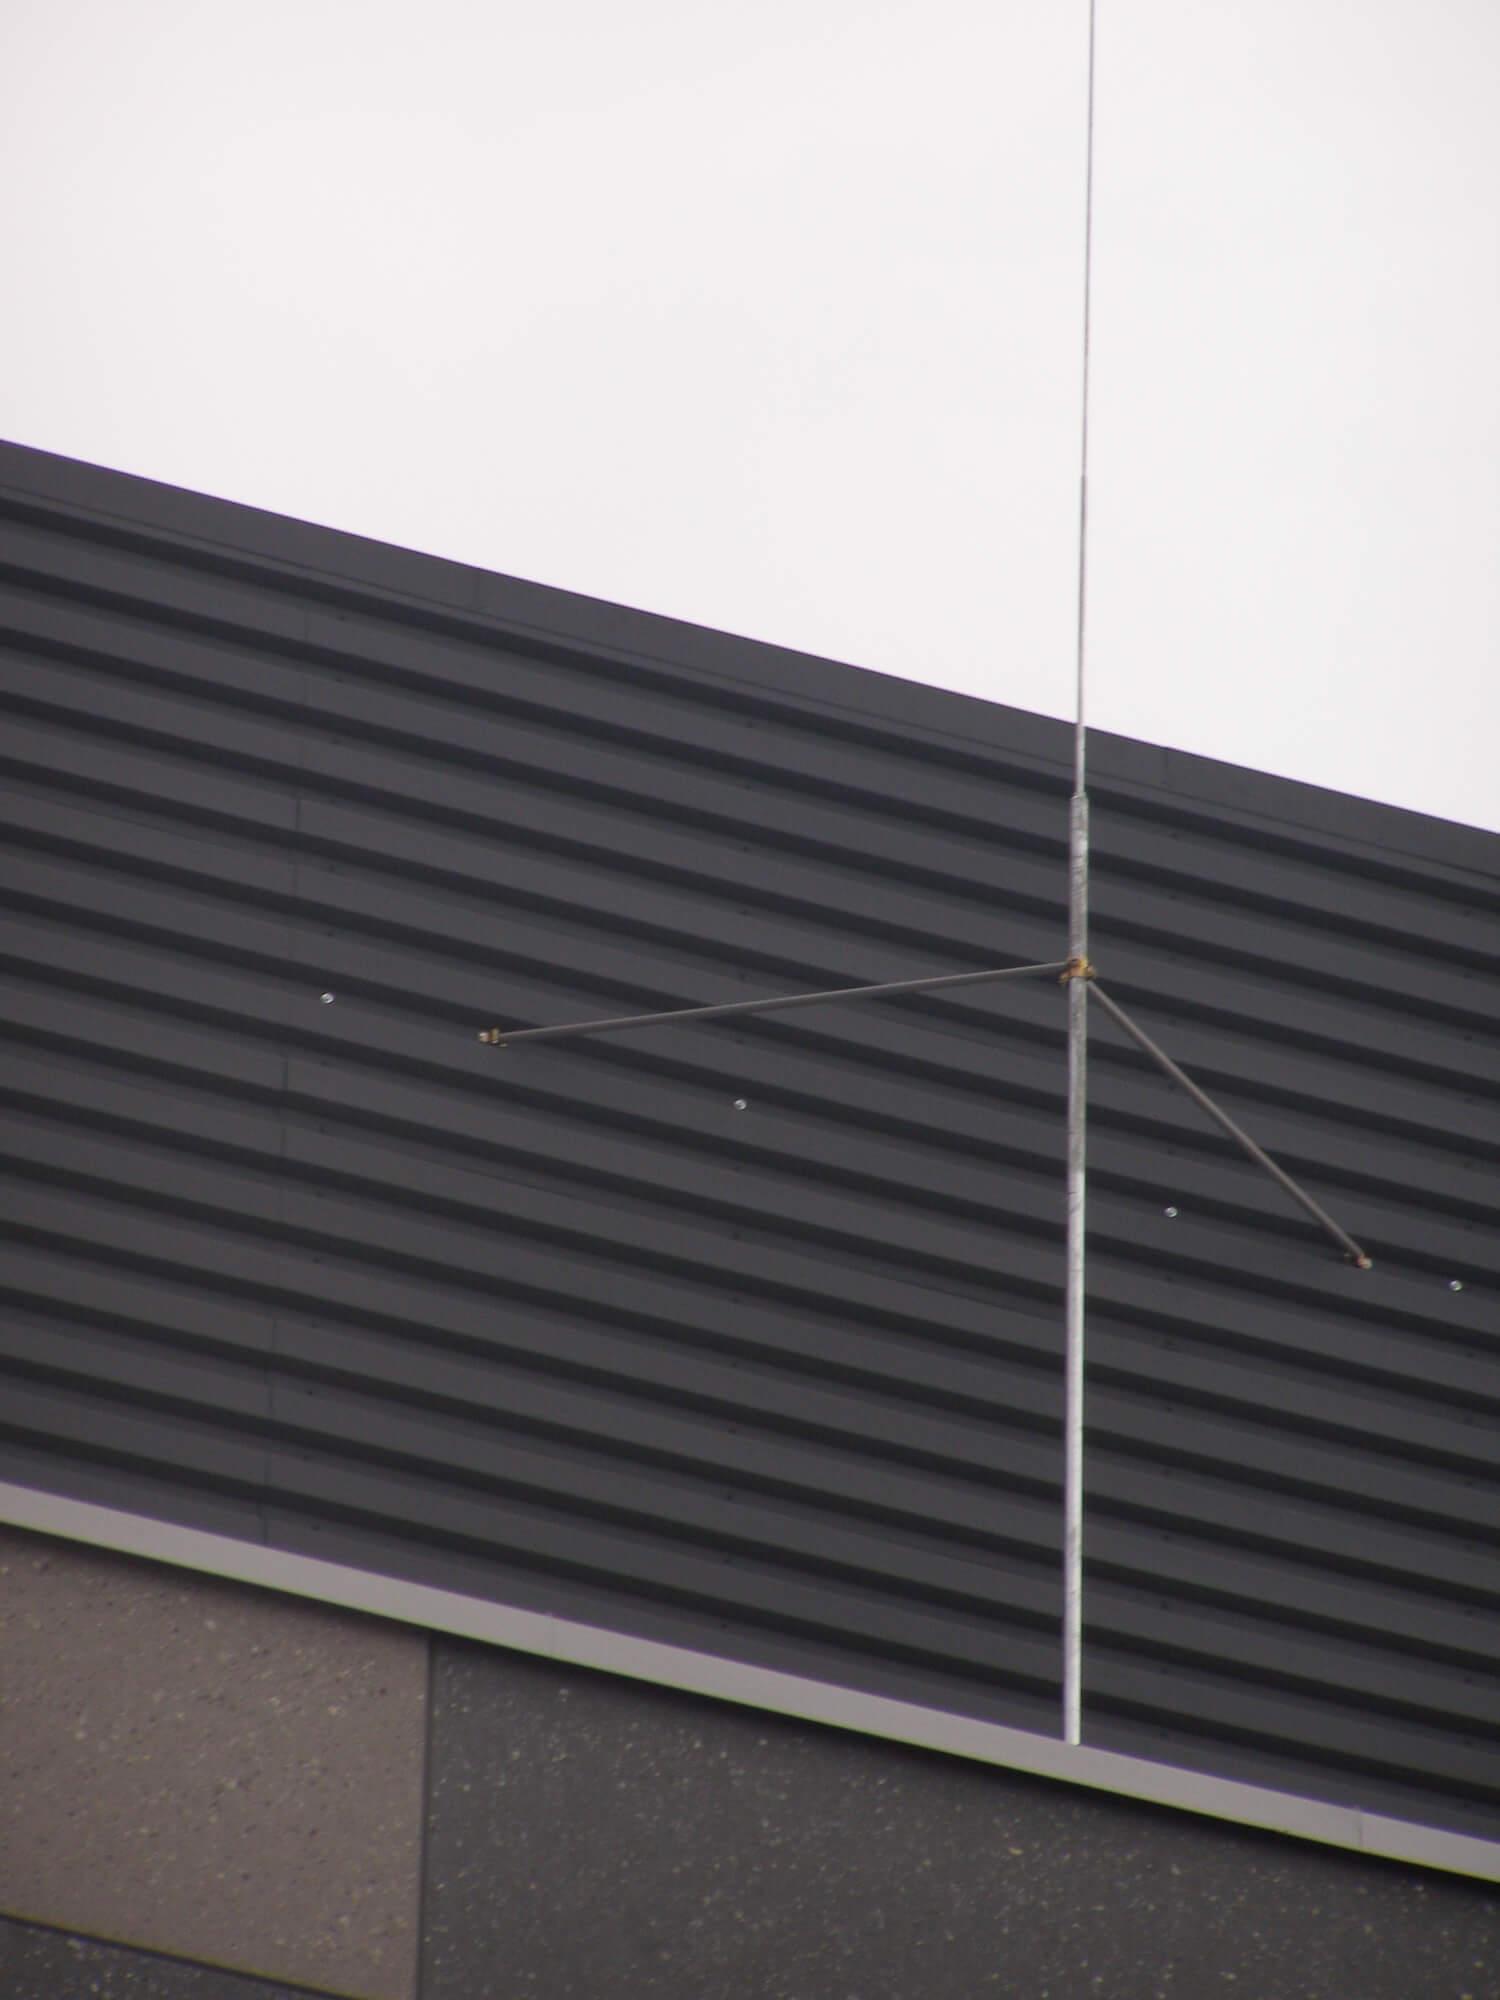 Maszty odgromowe na podstawie betonowej trójnożnej mocowane do konstrukcji ekranów ochronnych za pomocą drążków izolowanych.